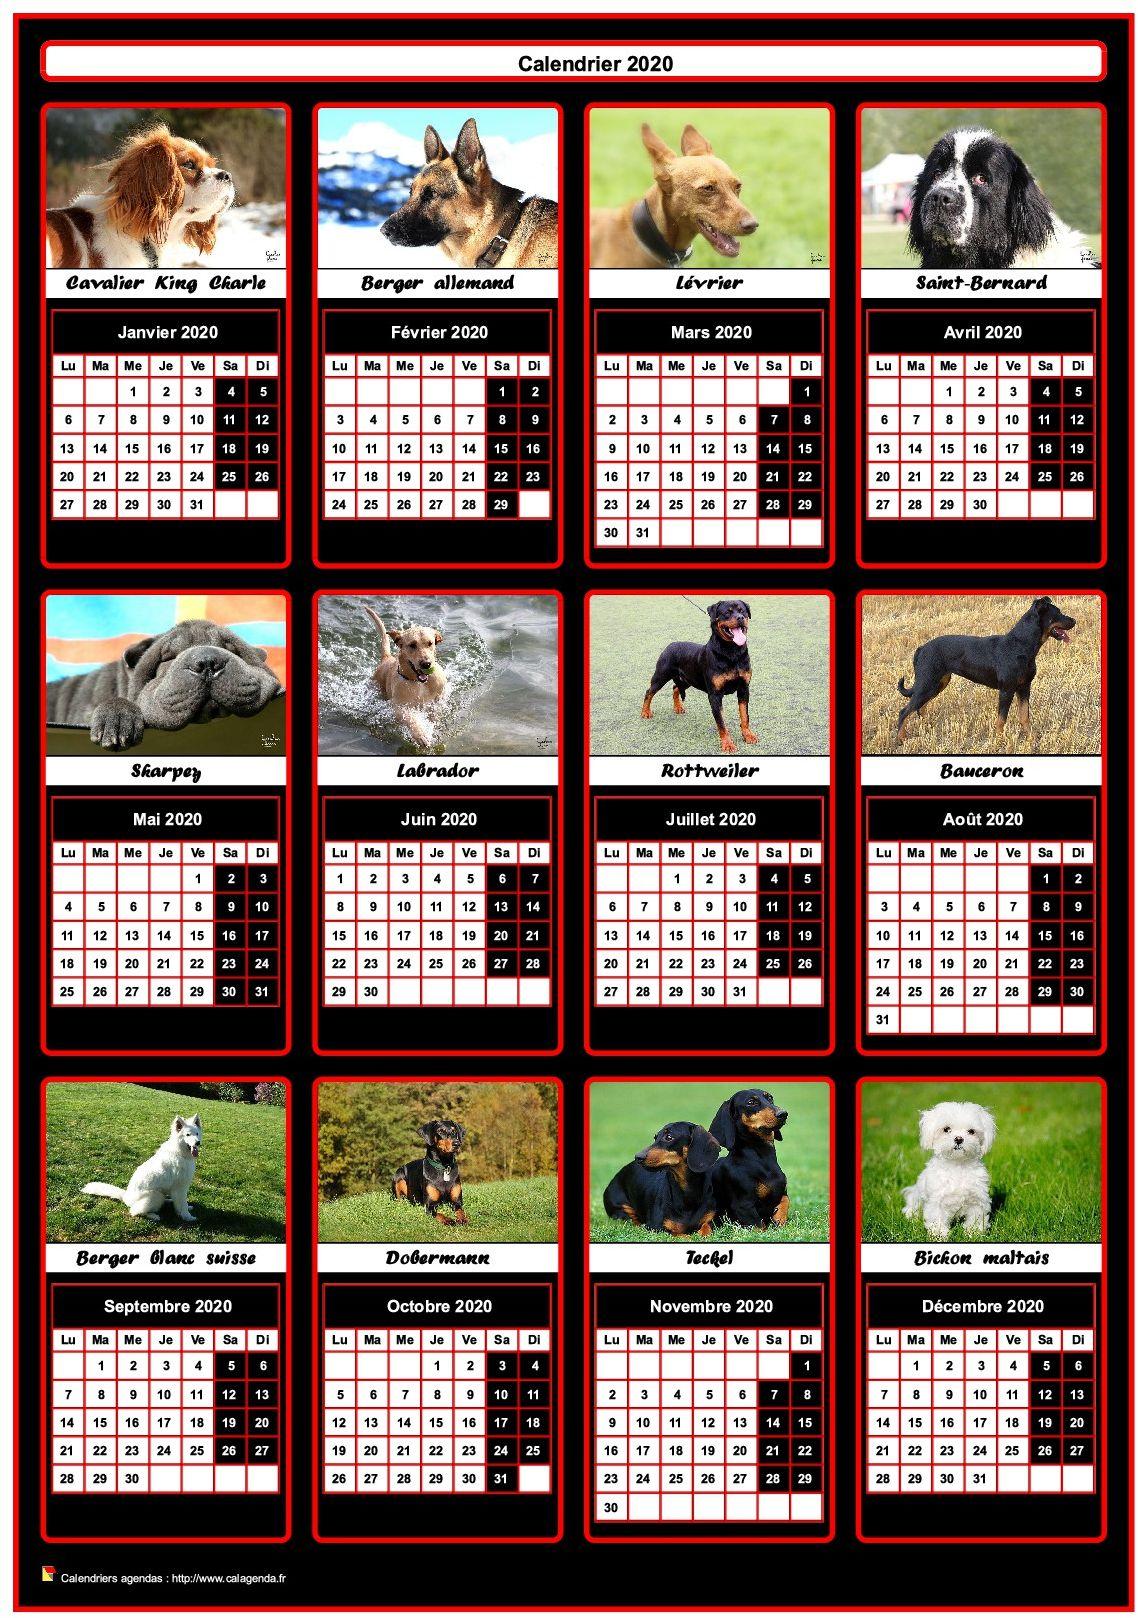 Calendrier 2020 annuel, 12 chiens de race